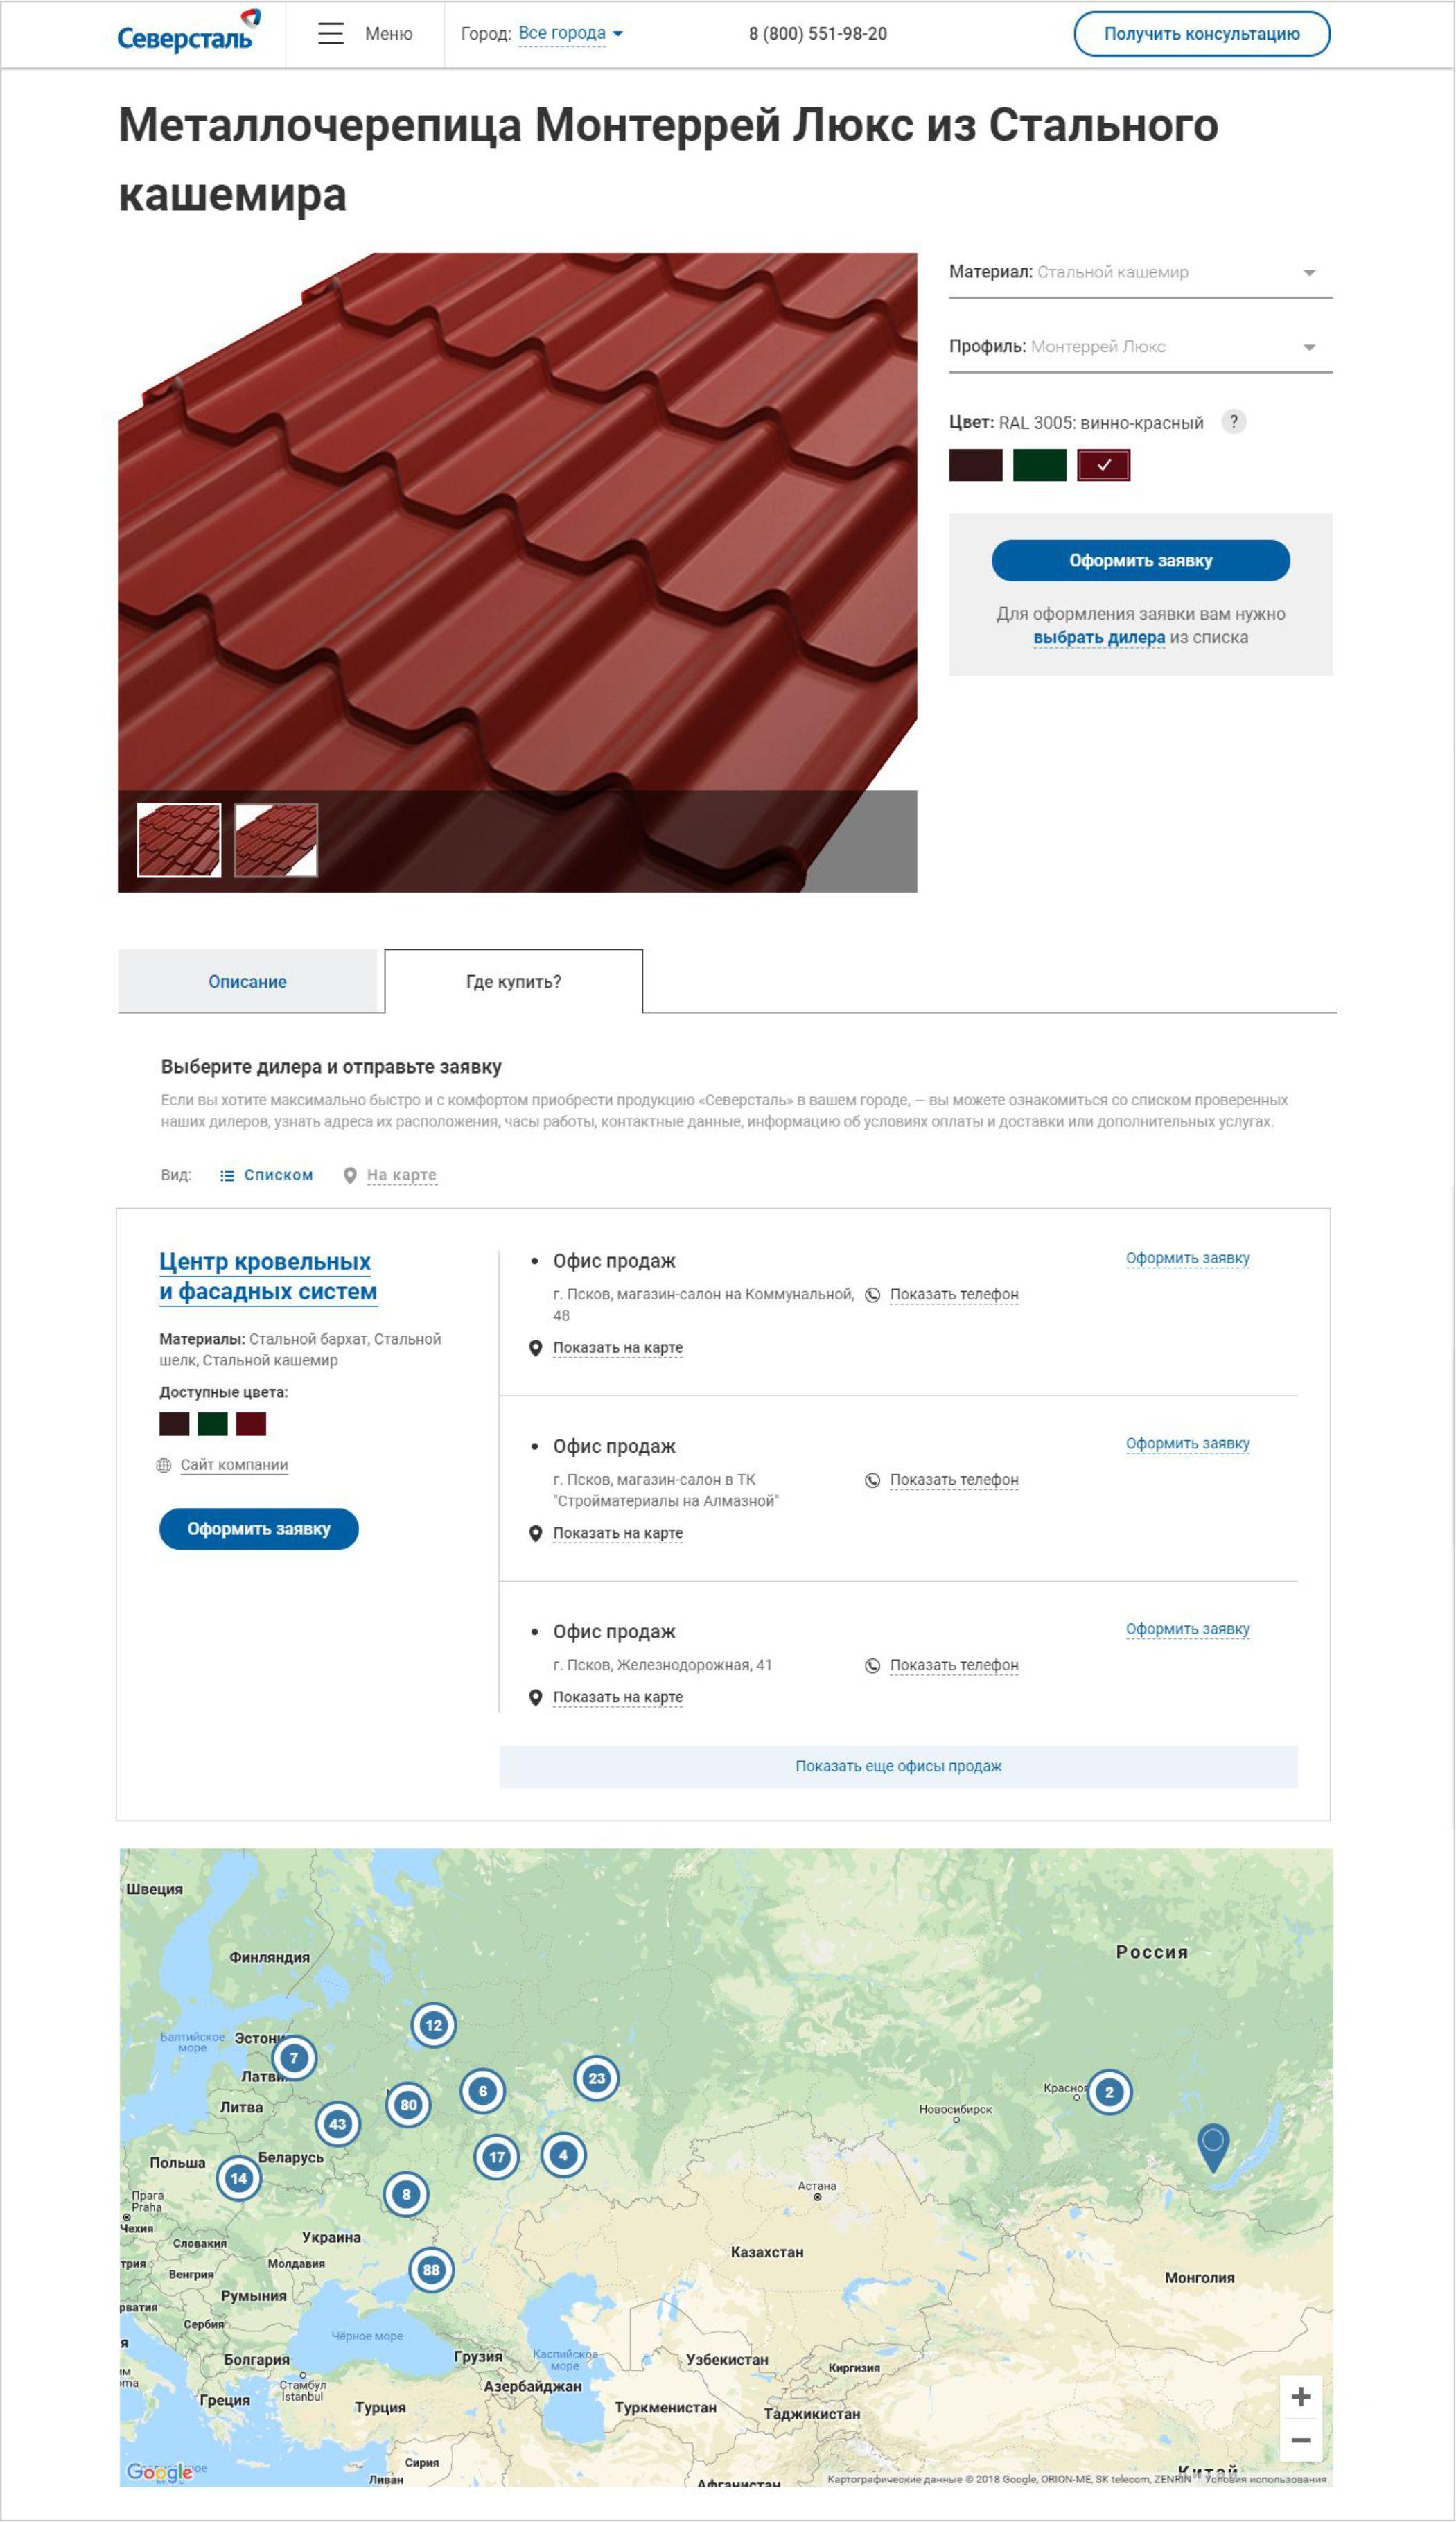 <p>Детальная страница позволяет выбирать цвета, материал ипрофиль, атакже— где купить. Дилеров можно посмотреть списком или врежиме карты.</p>